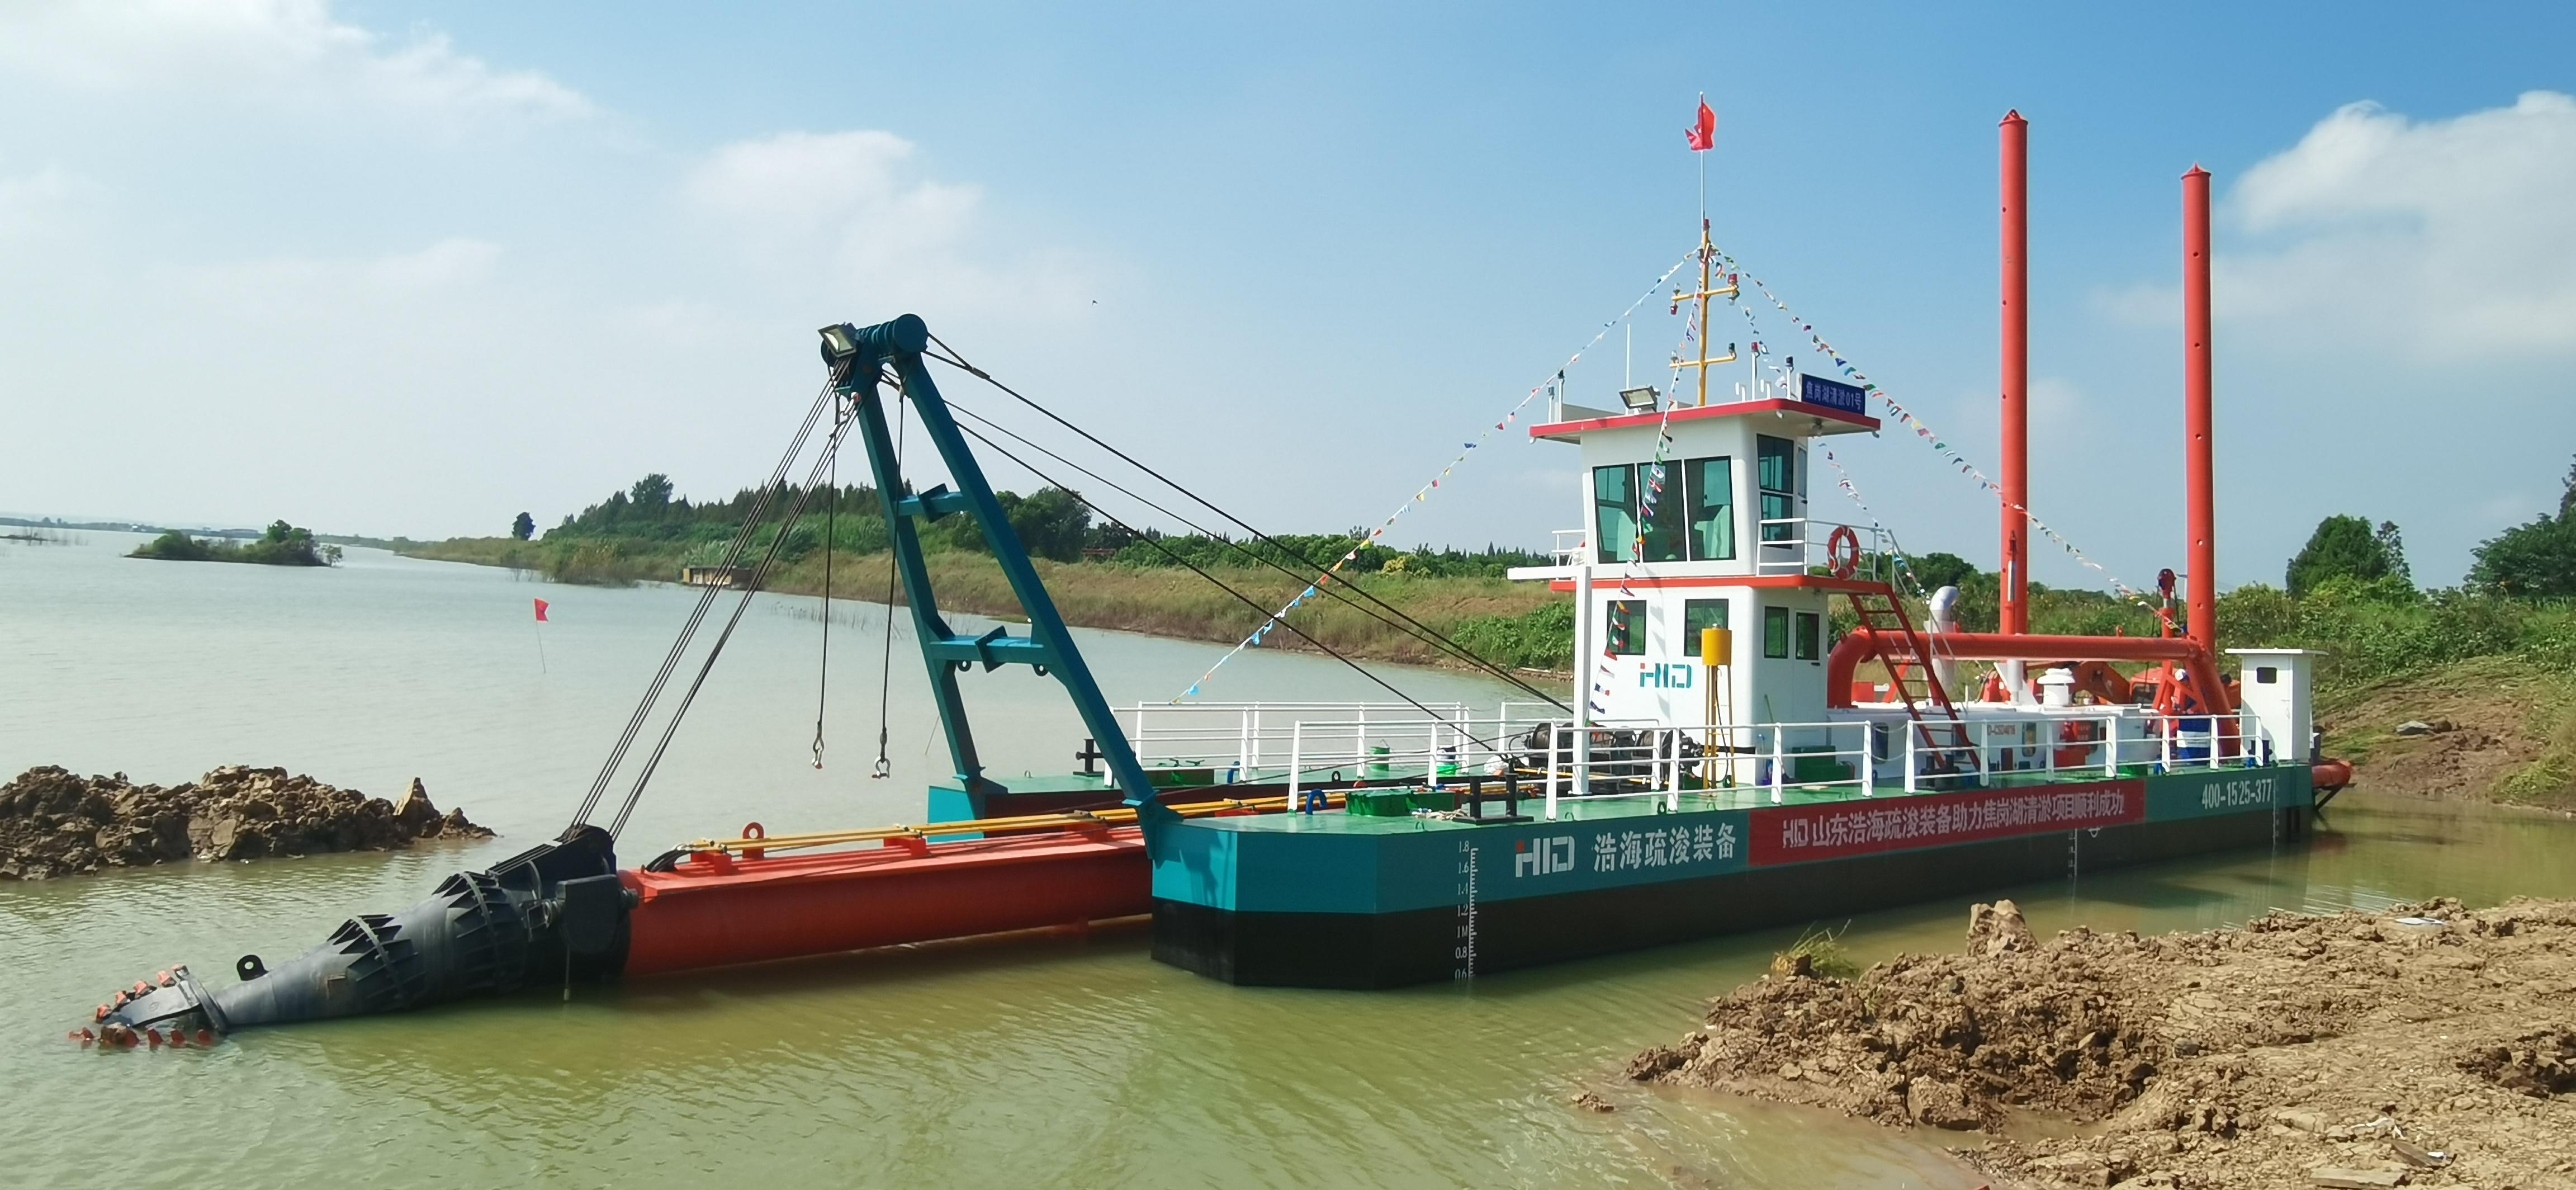 La drague suceuse à coupe HID CSD350 lancée pour les travaux de dragage du lac